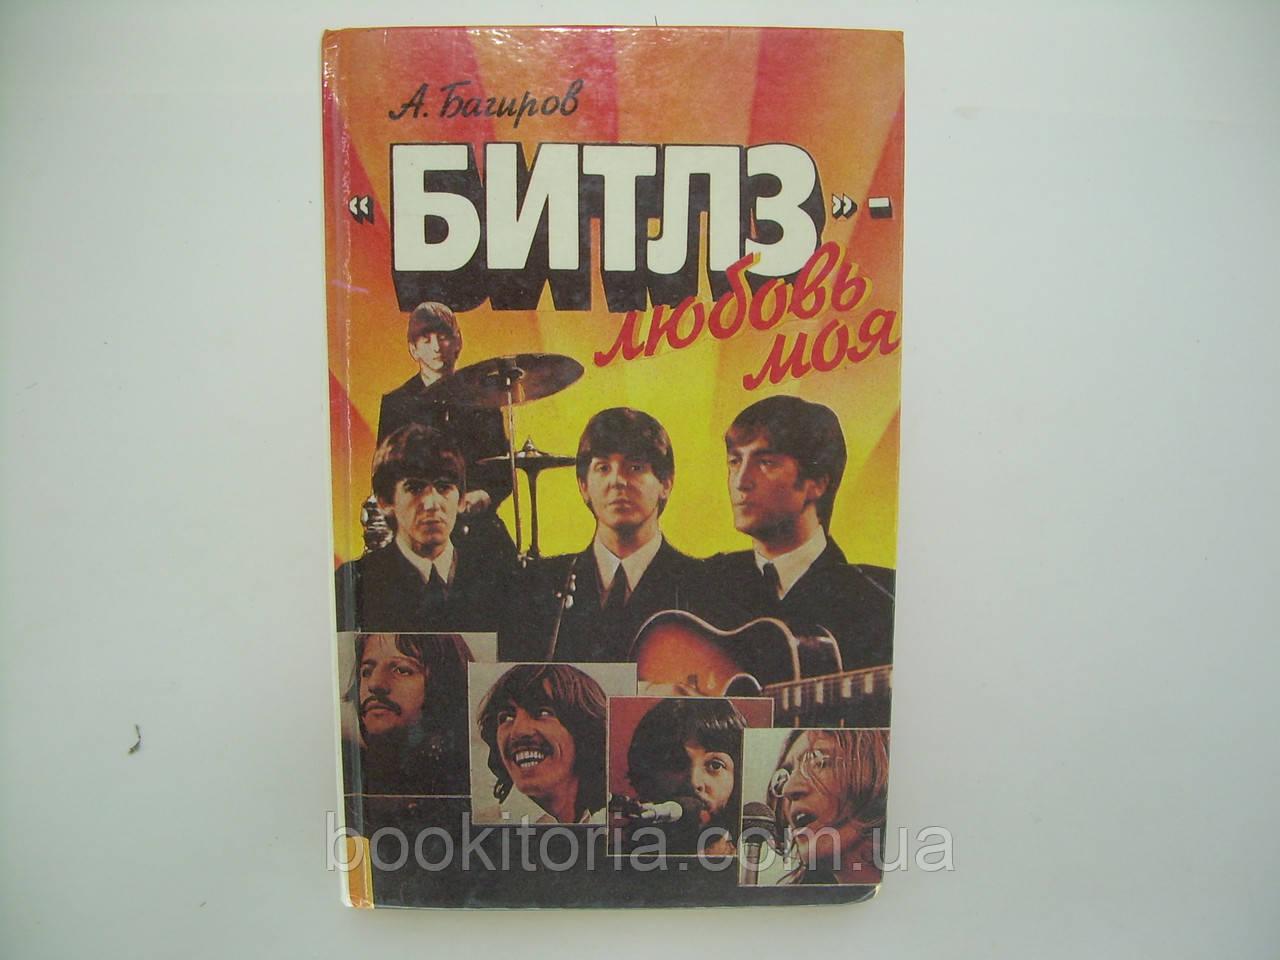 """Багиров А. """"Битлз"""" - любовь моя (б/у)."""